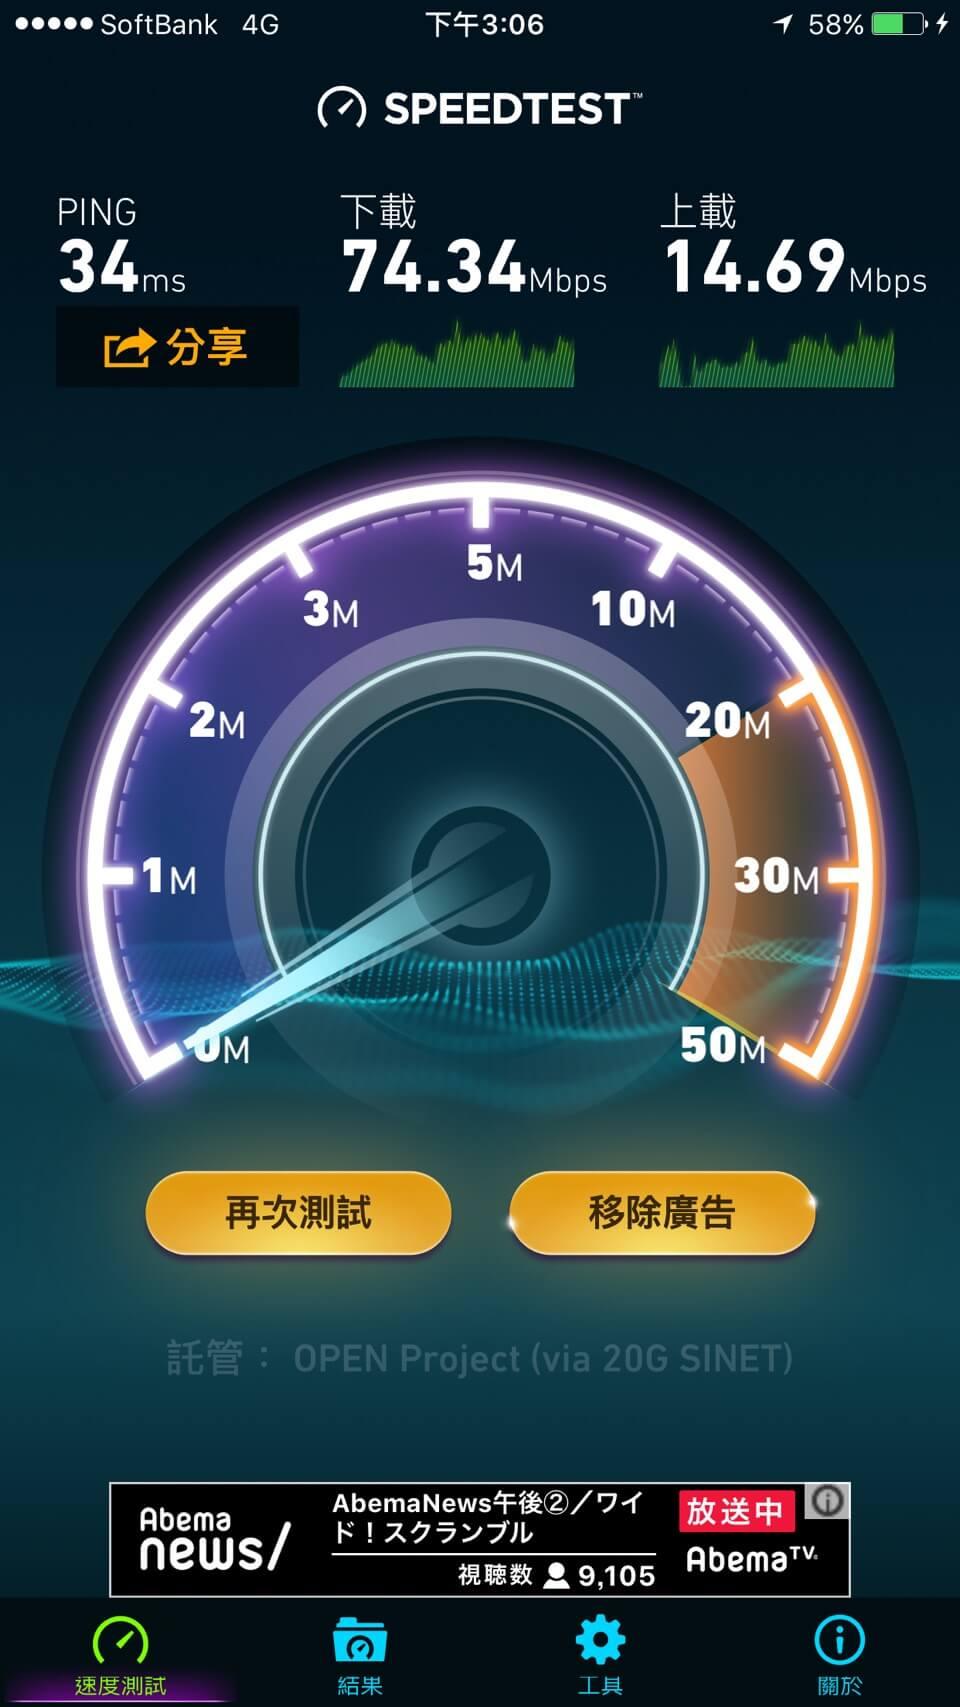 栃木縣足利公園測速